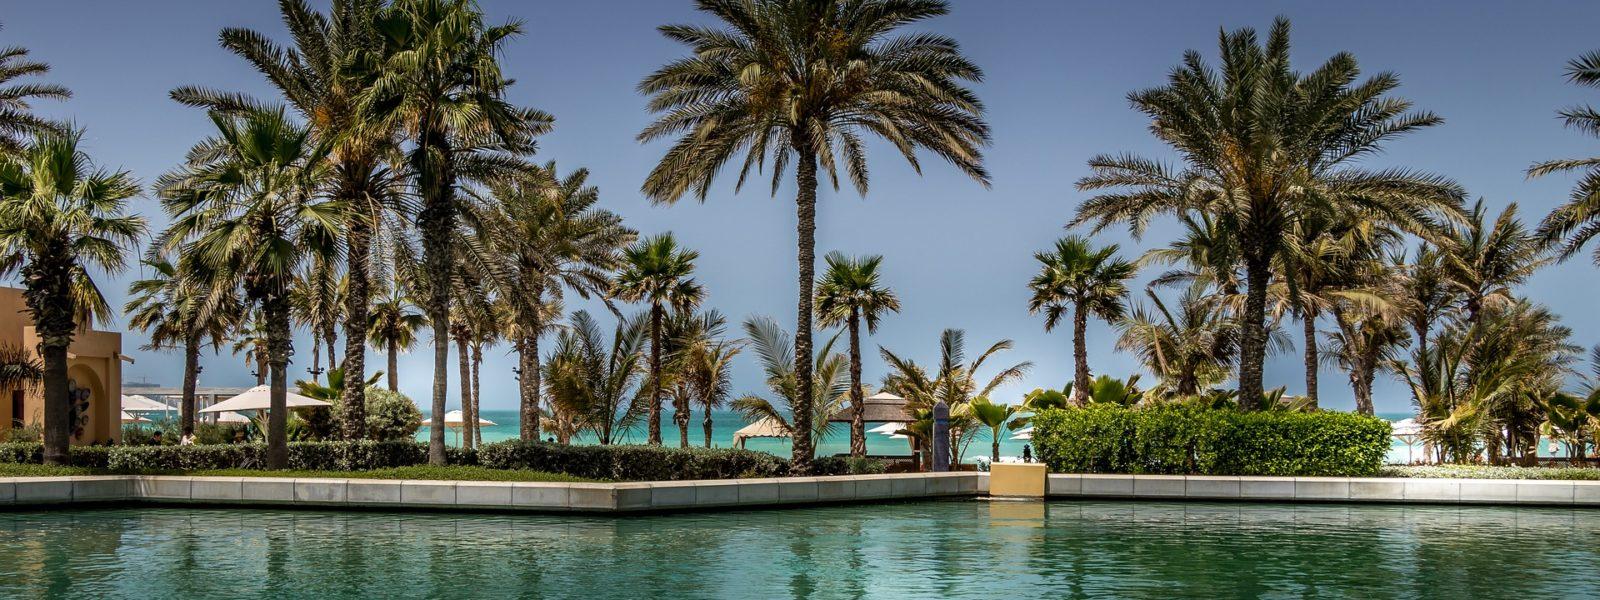 Faut il être millionnaire pour séjourner à Dubaï ?